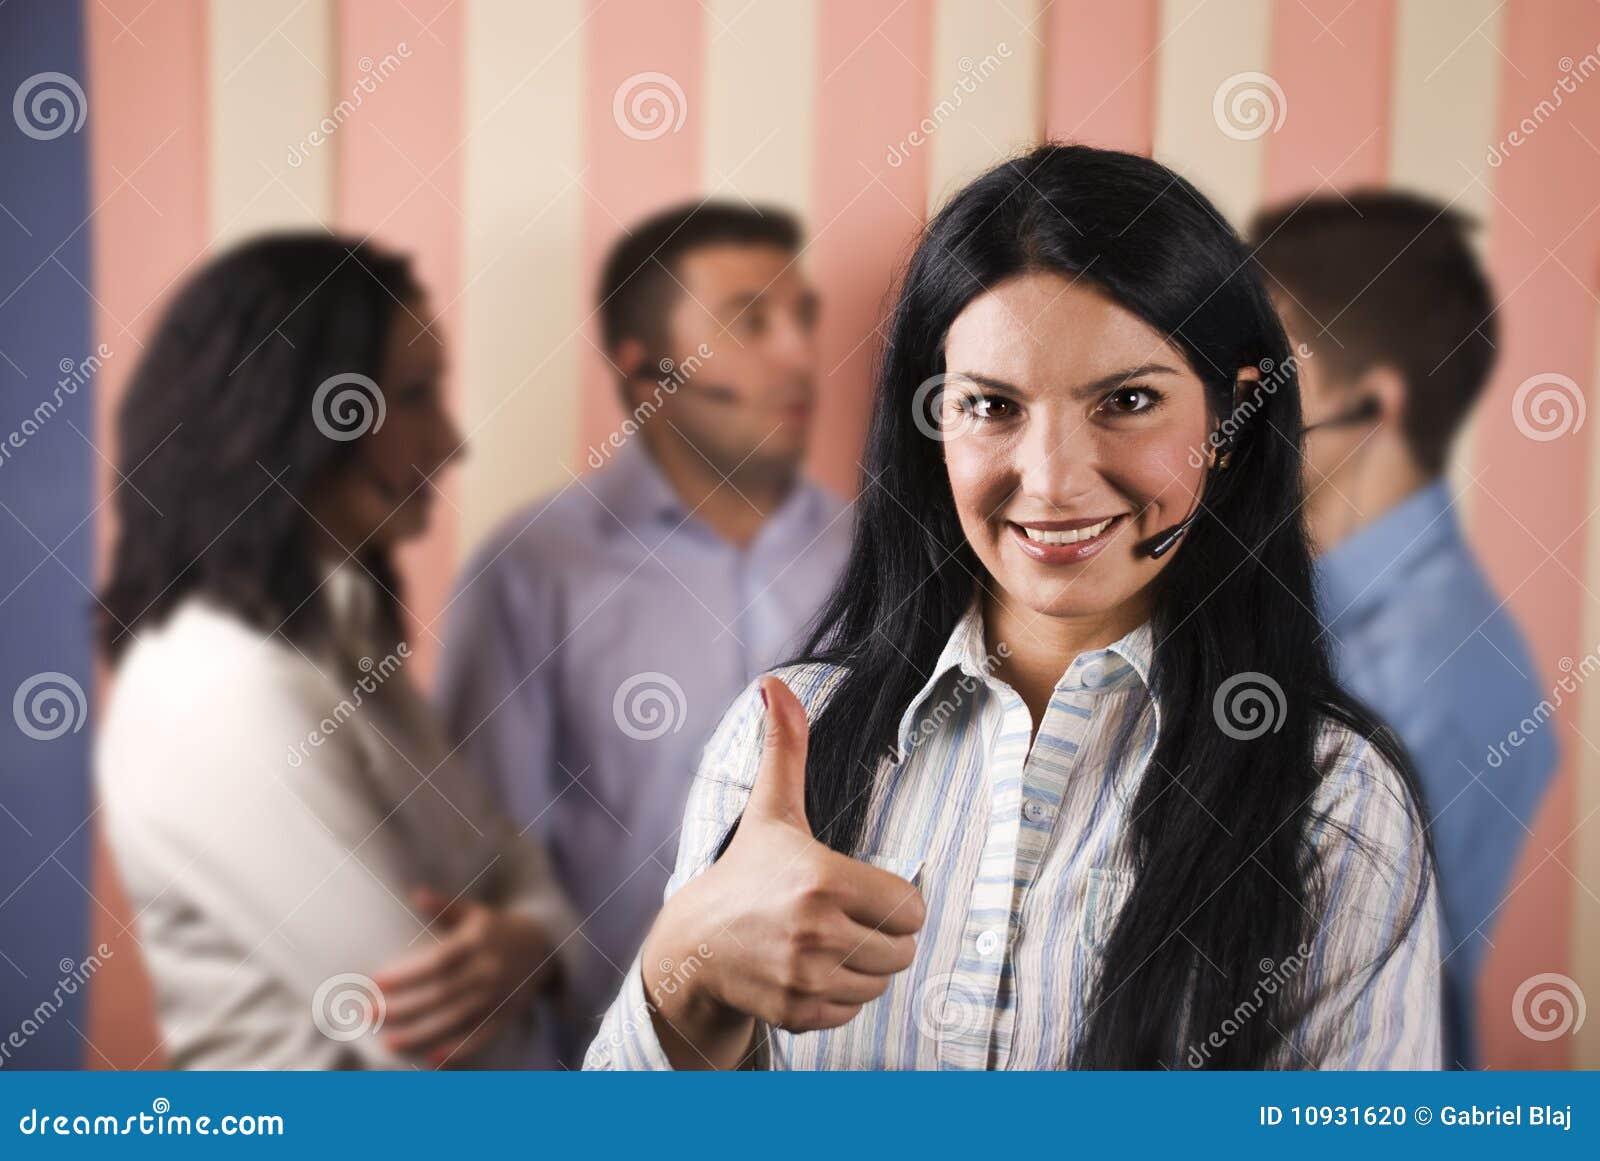 Счастливая женщина центра телефонного обслуживания давая большие пальцы руки вверх